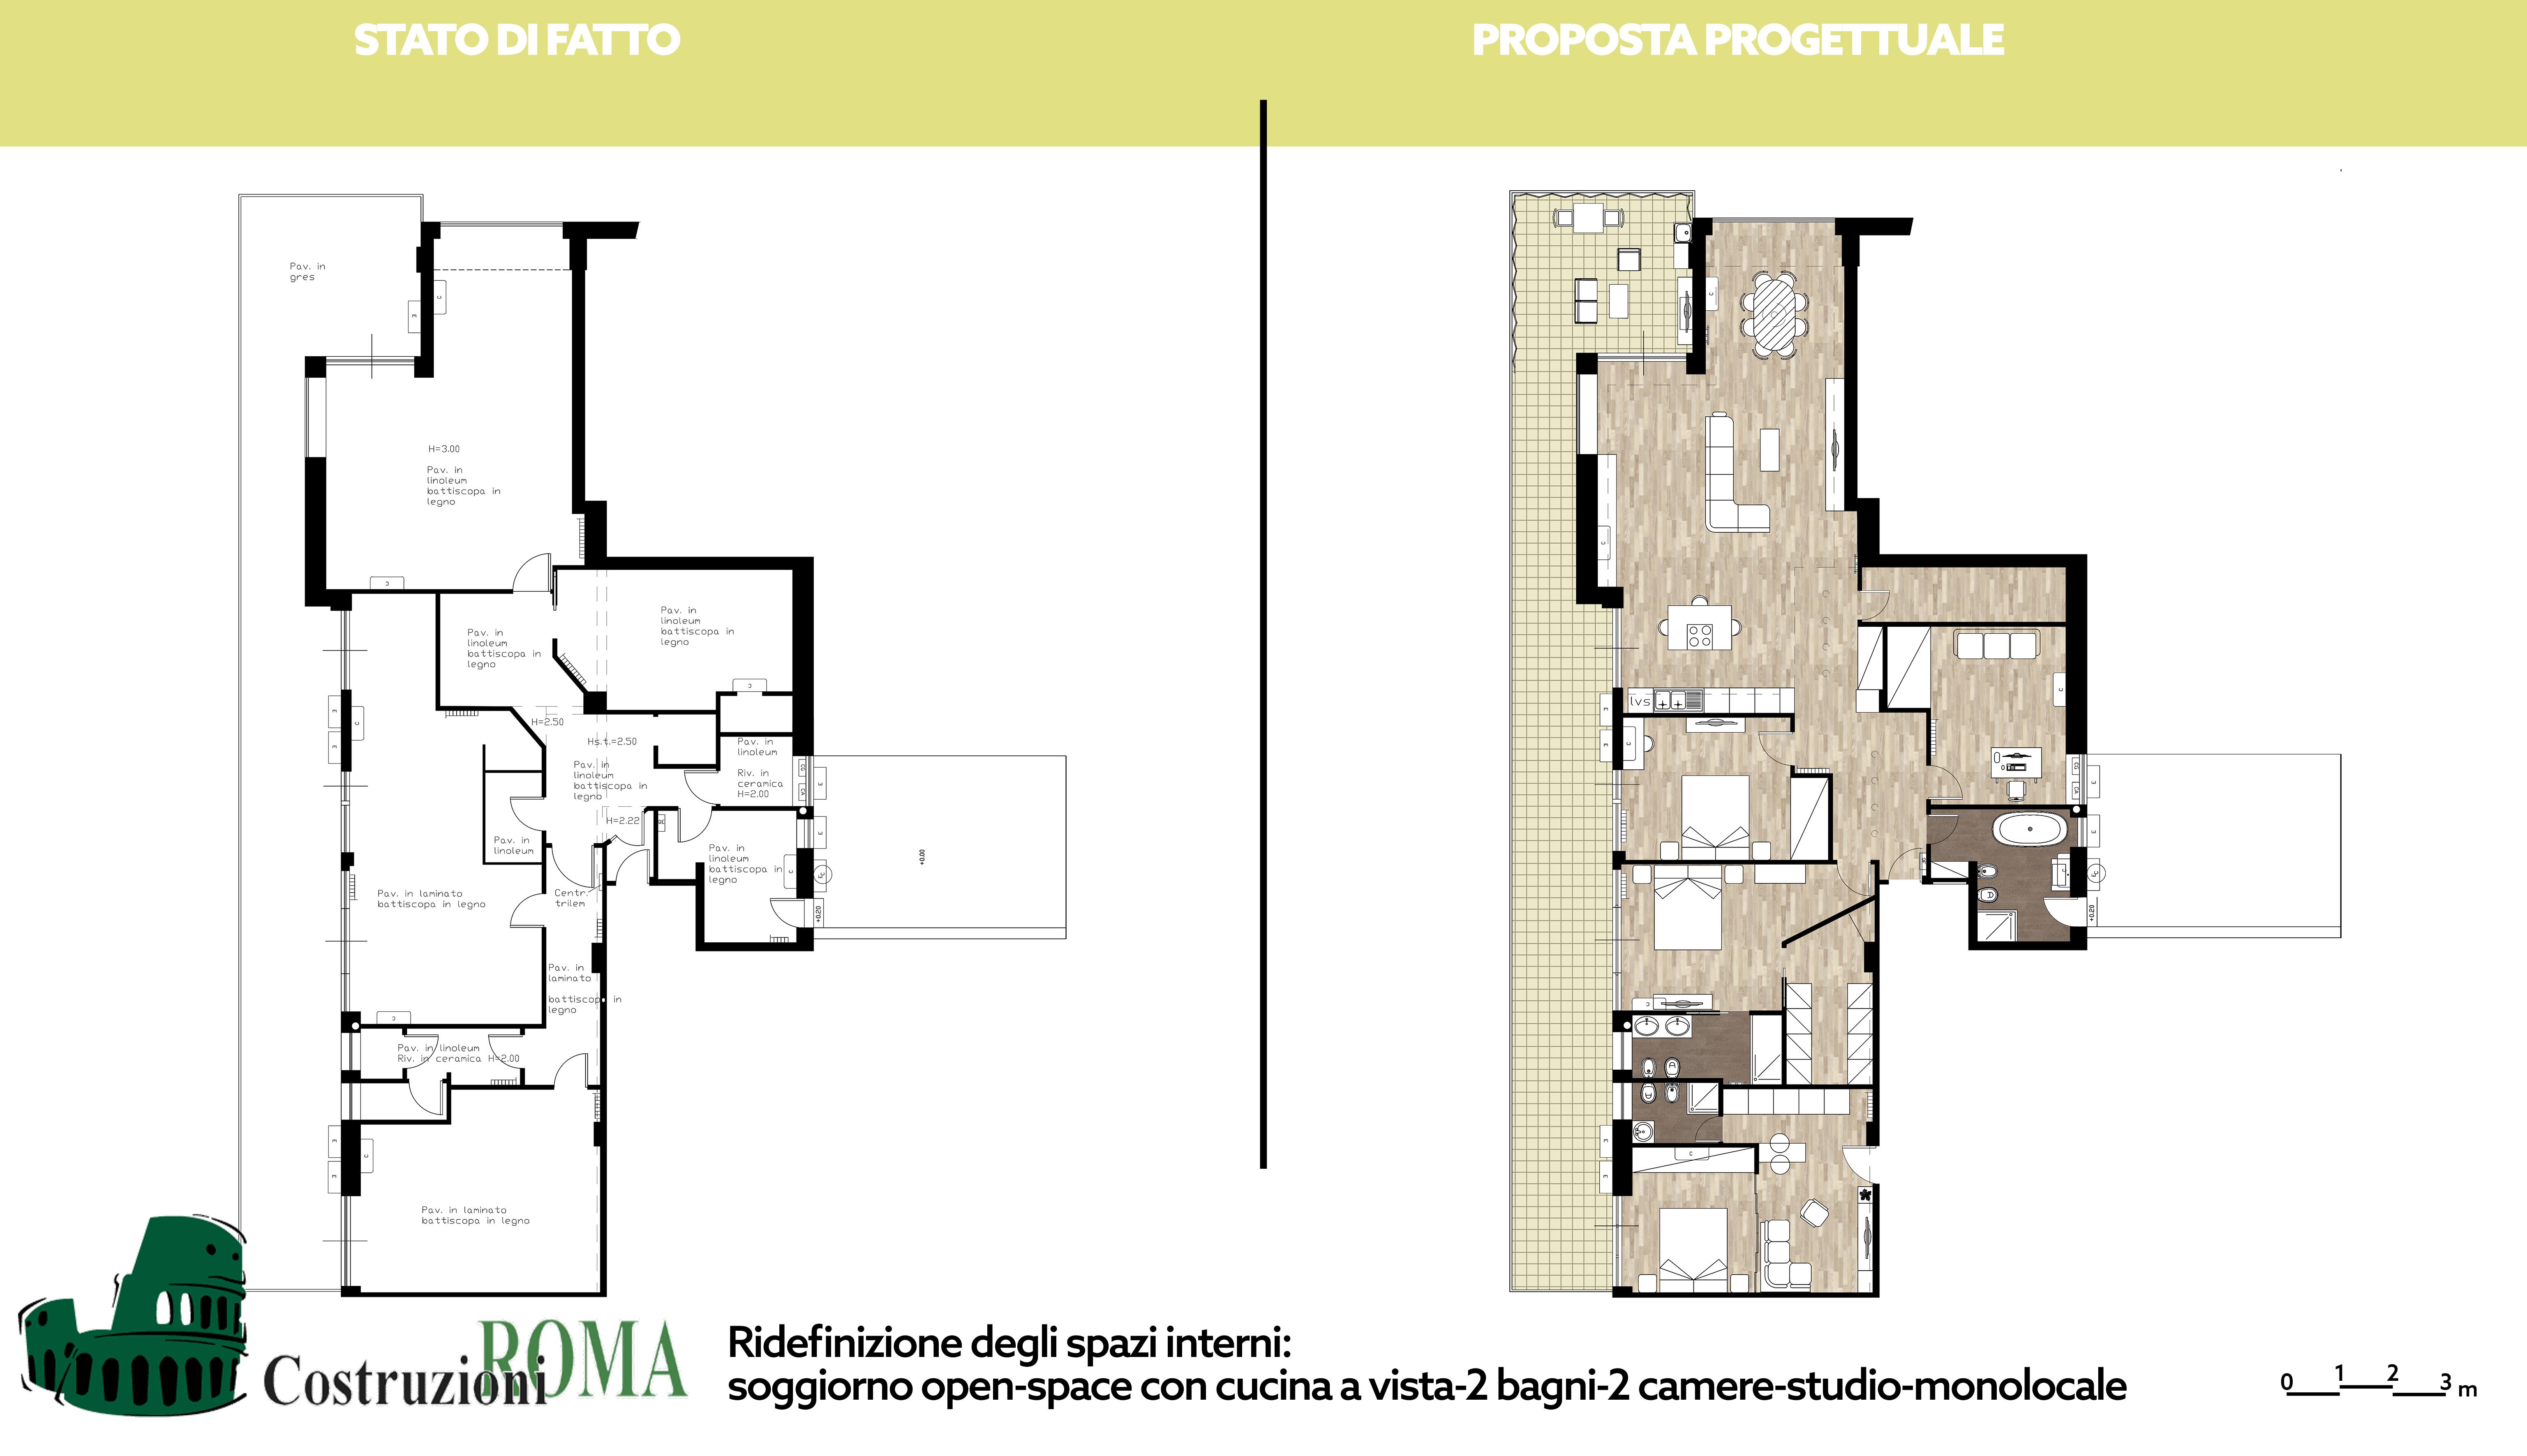 Progetto ristrutturazione casa a Ostia